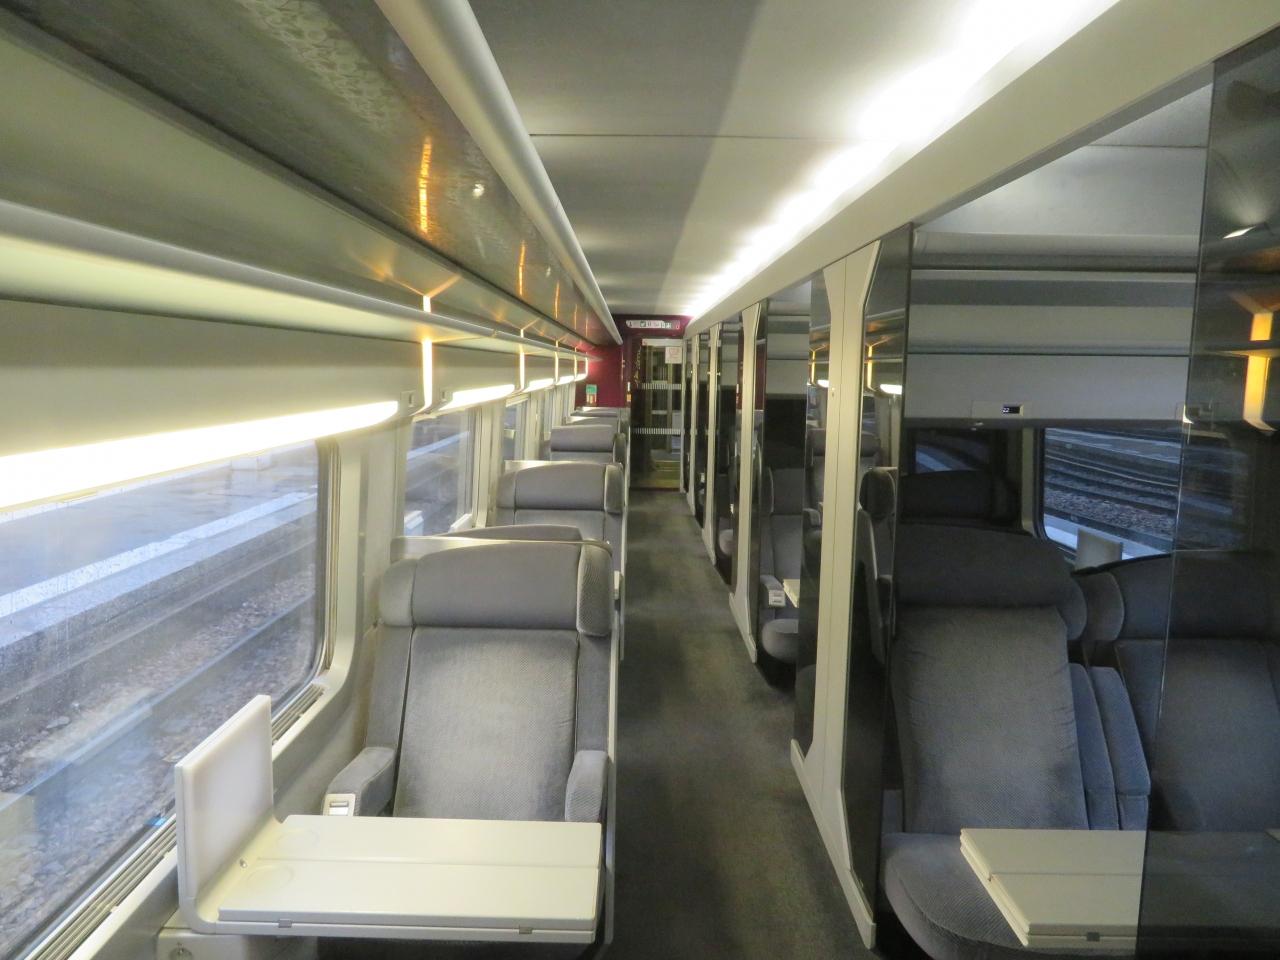 TGV早朝の1等車で日本人グループの騒音に泣く!オルセー美術館か?2019 ...